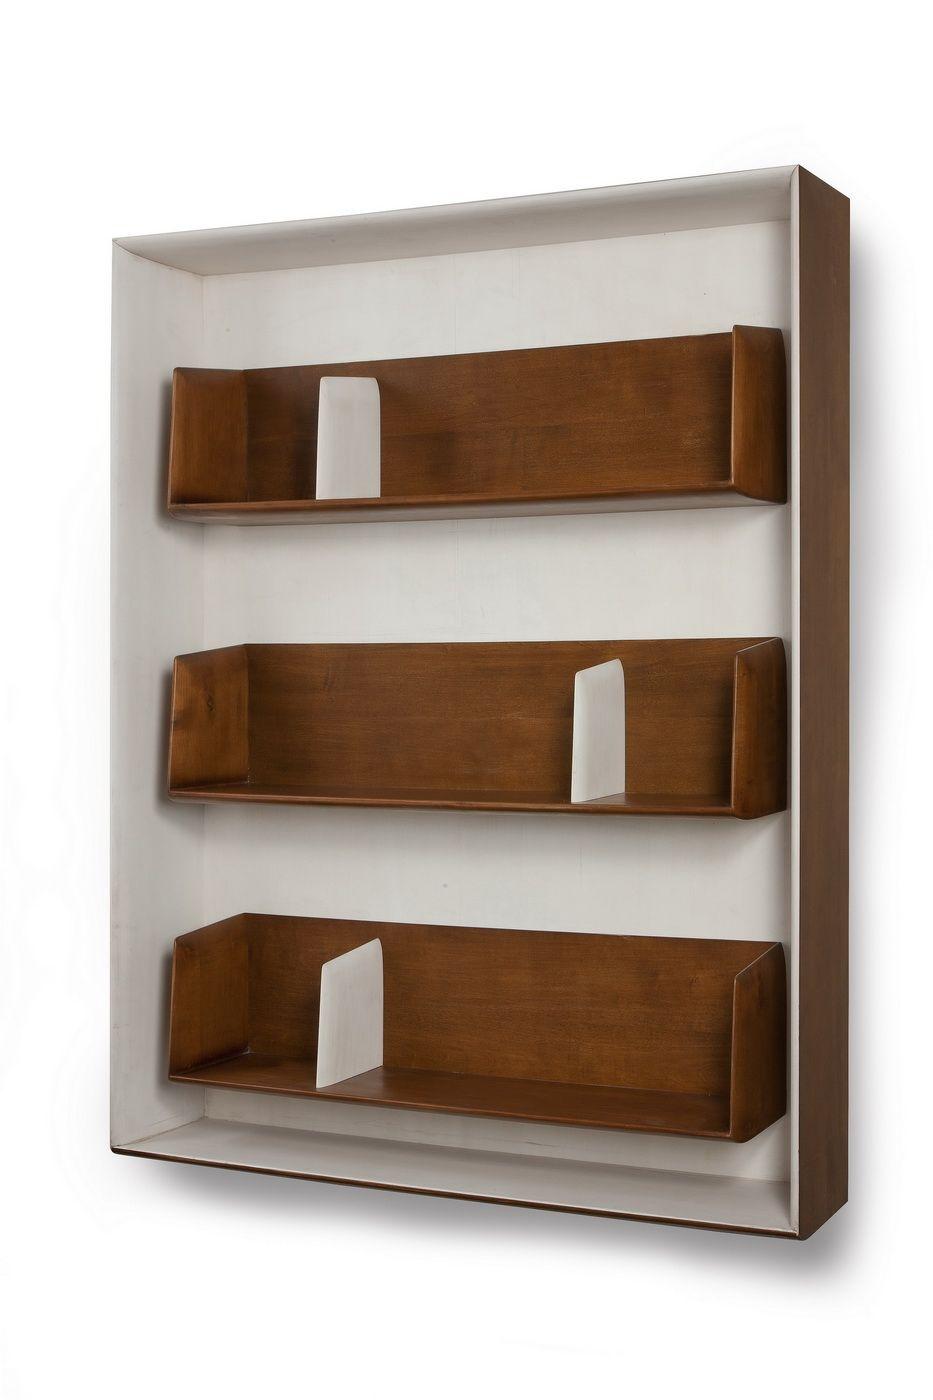 Best Wooden Wall Mounted Bookshelves